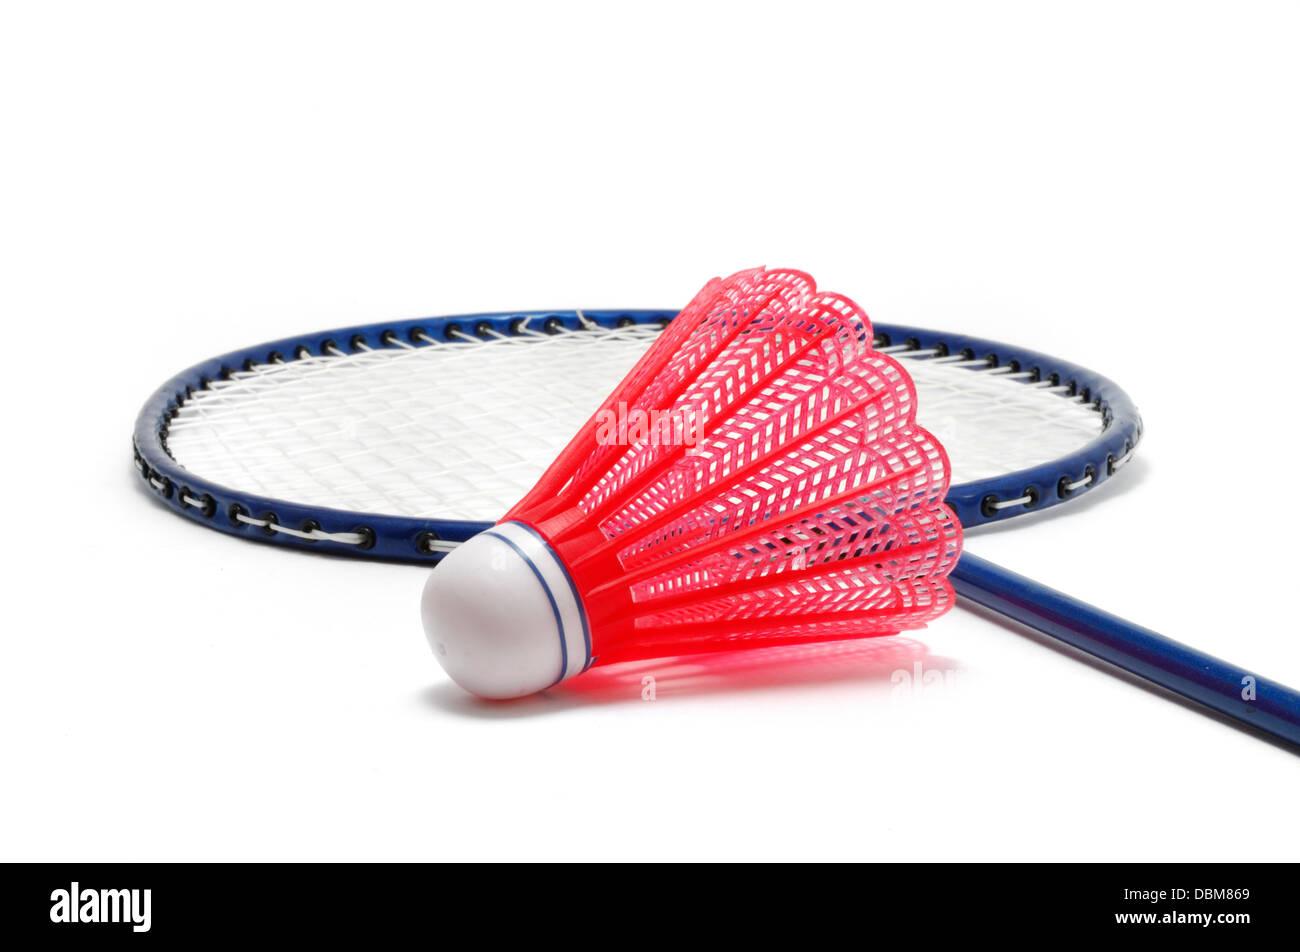 Badminton raqueta y Shuttlecock (Birdie) Imagen De Stock